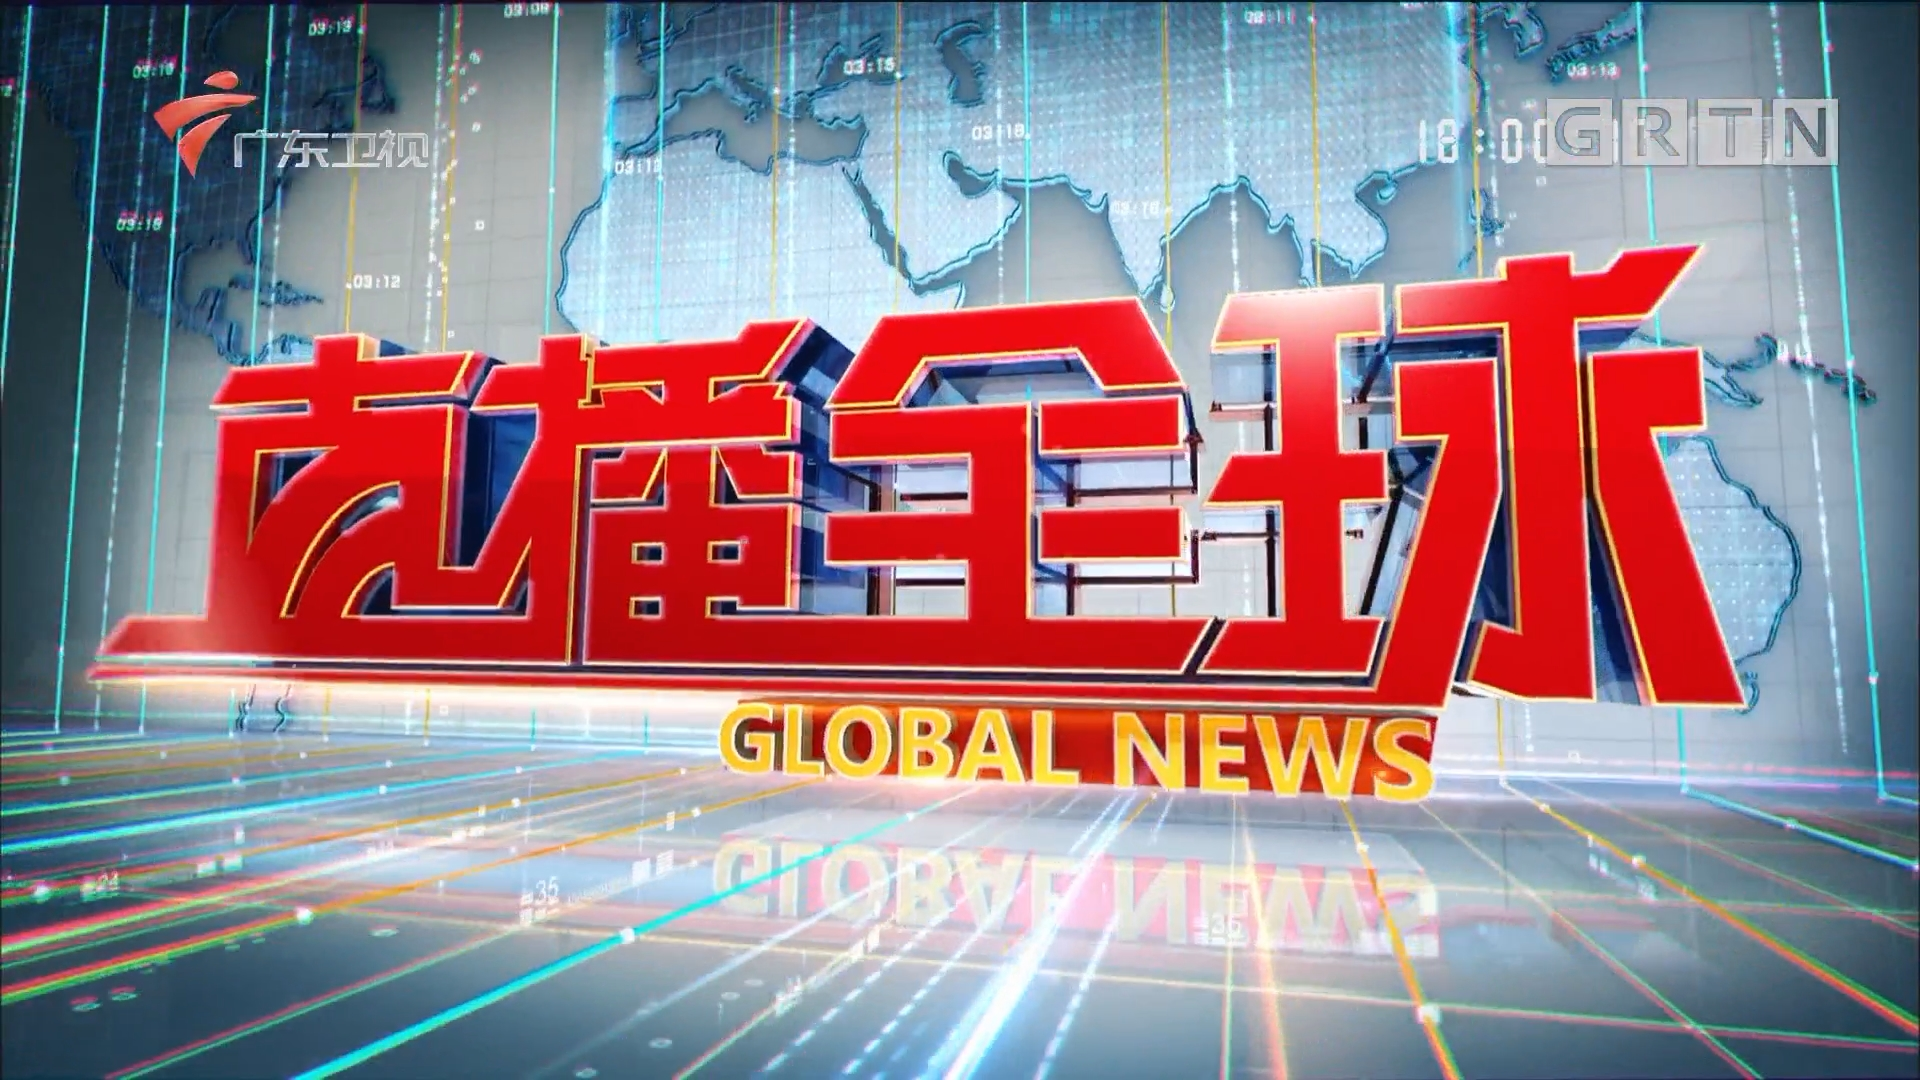 [HD][2017-06-27]直播全球:日本制造业史上最大破产案!日本高田气囊申请破产 负债破万亿